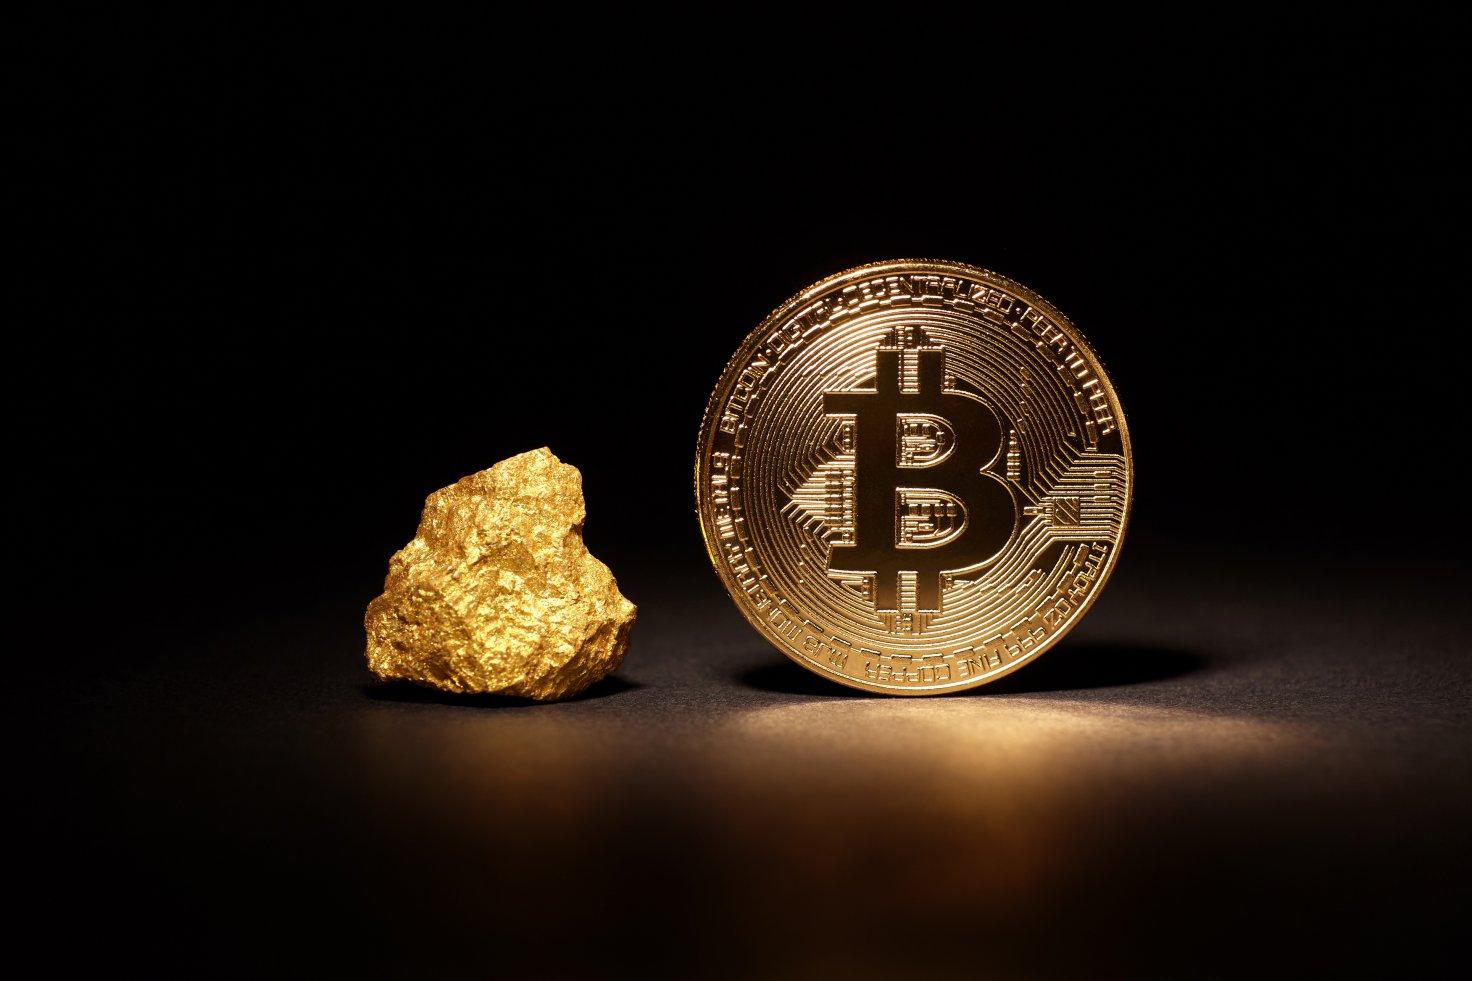 bitcoin btc neden altindan daha mantikli populer isim danheld acikliyor